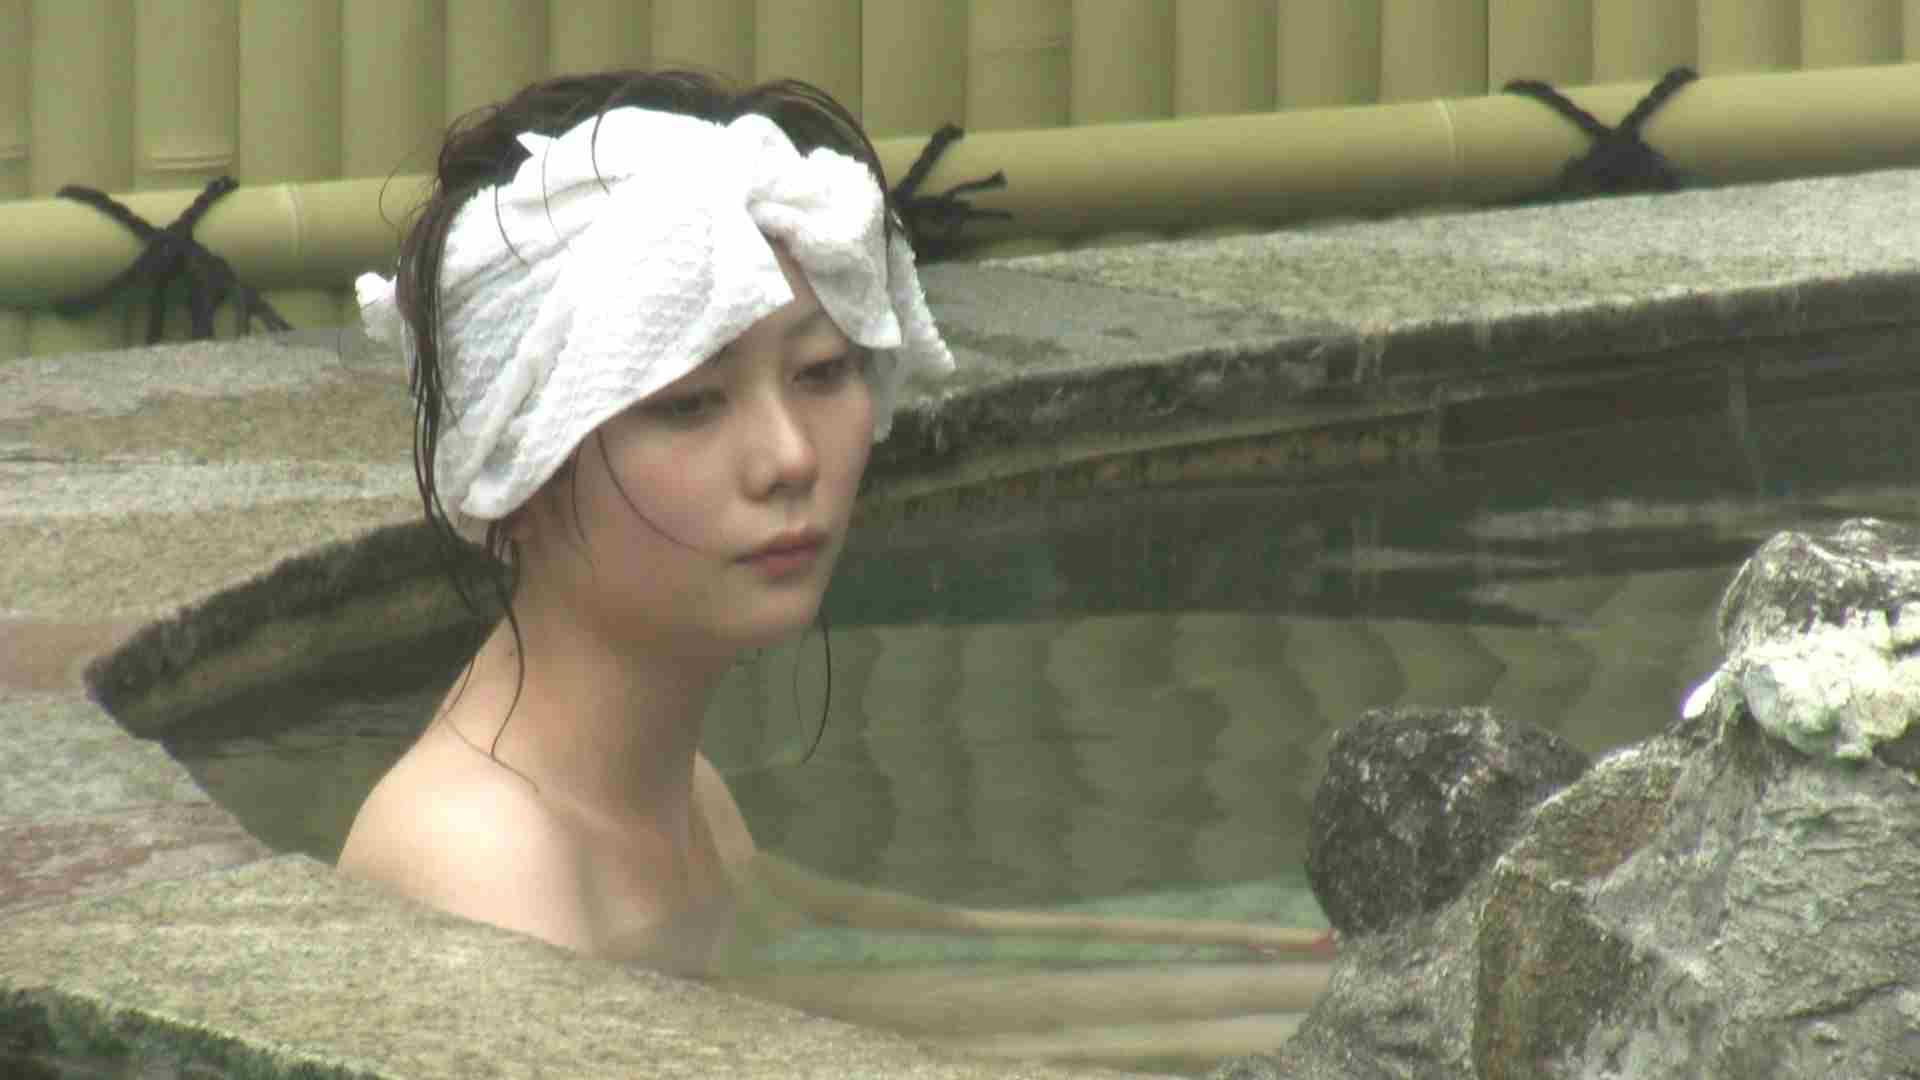 Aquaな露天風呂Vol.147 盗撮シリーズ  80PIX 46